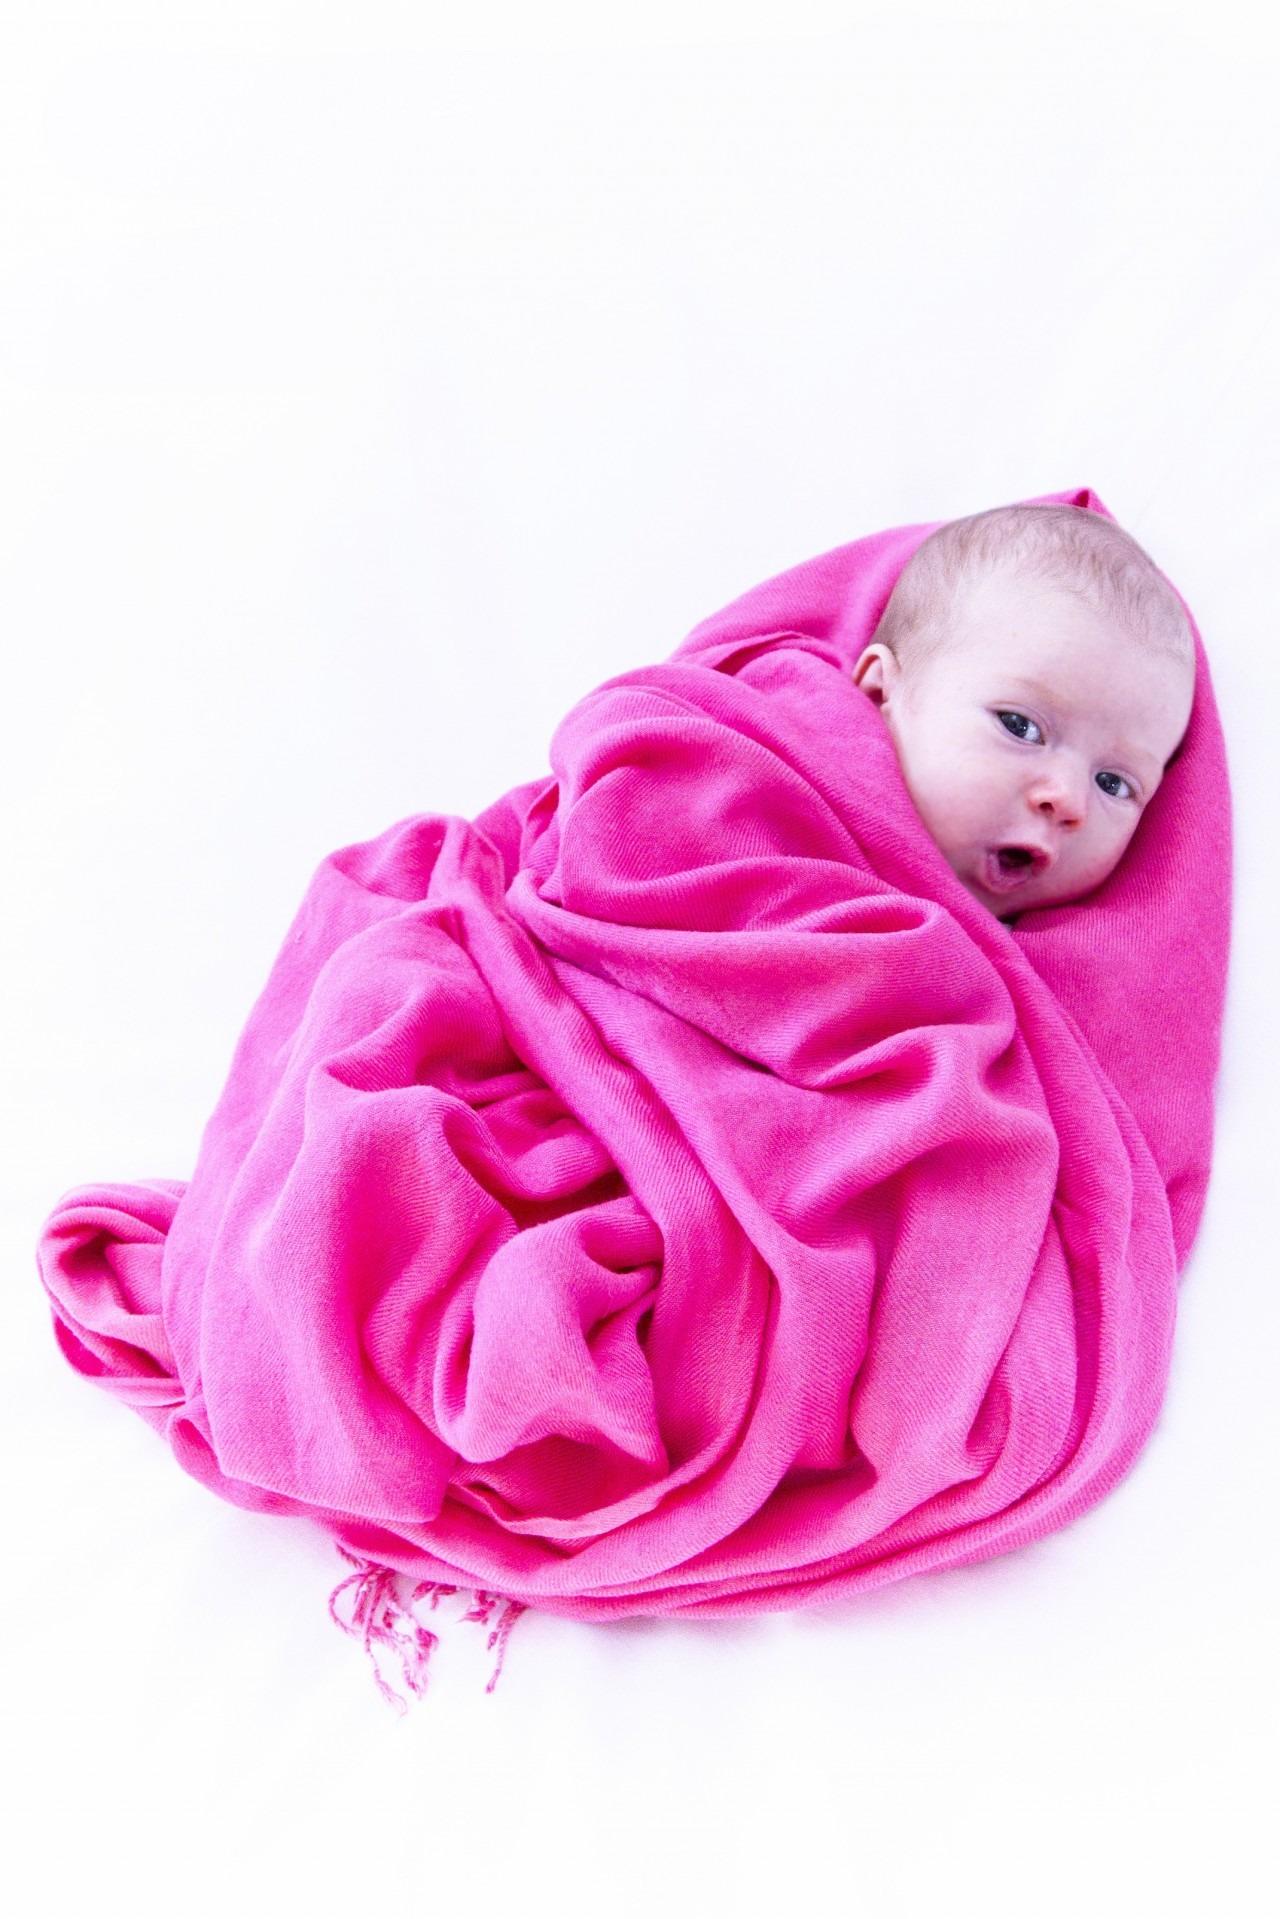 Fotos gratis : niña, pétalo, linda, niño, ropa, rosado, bebé, textil ...